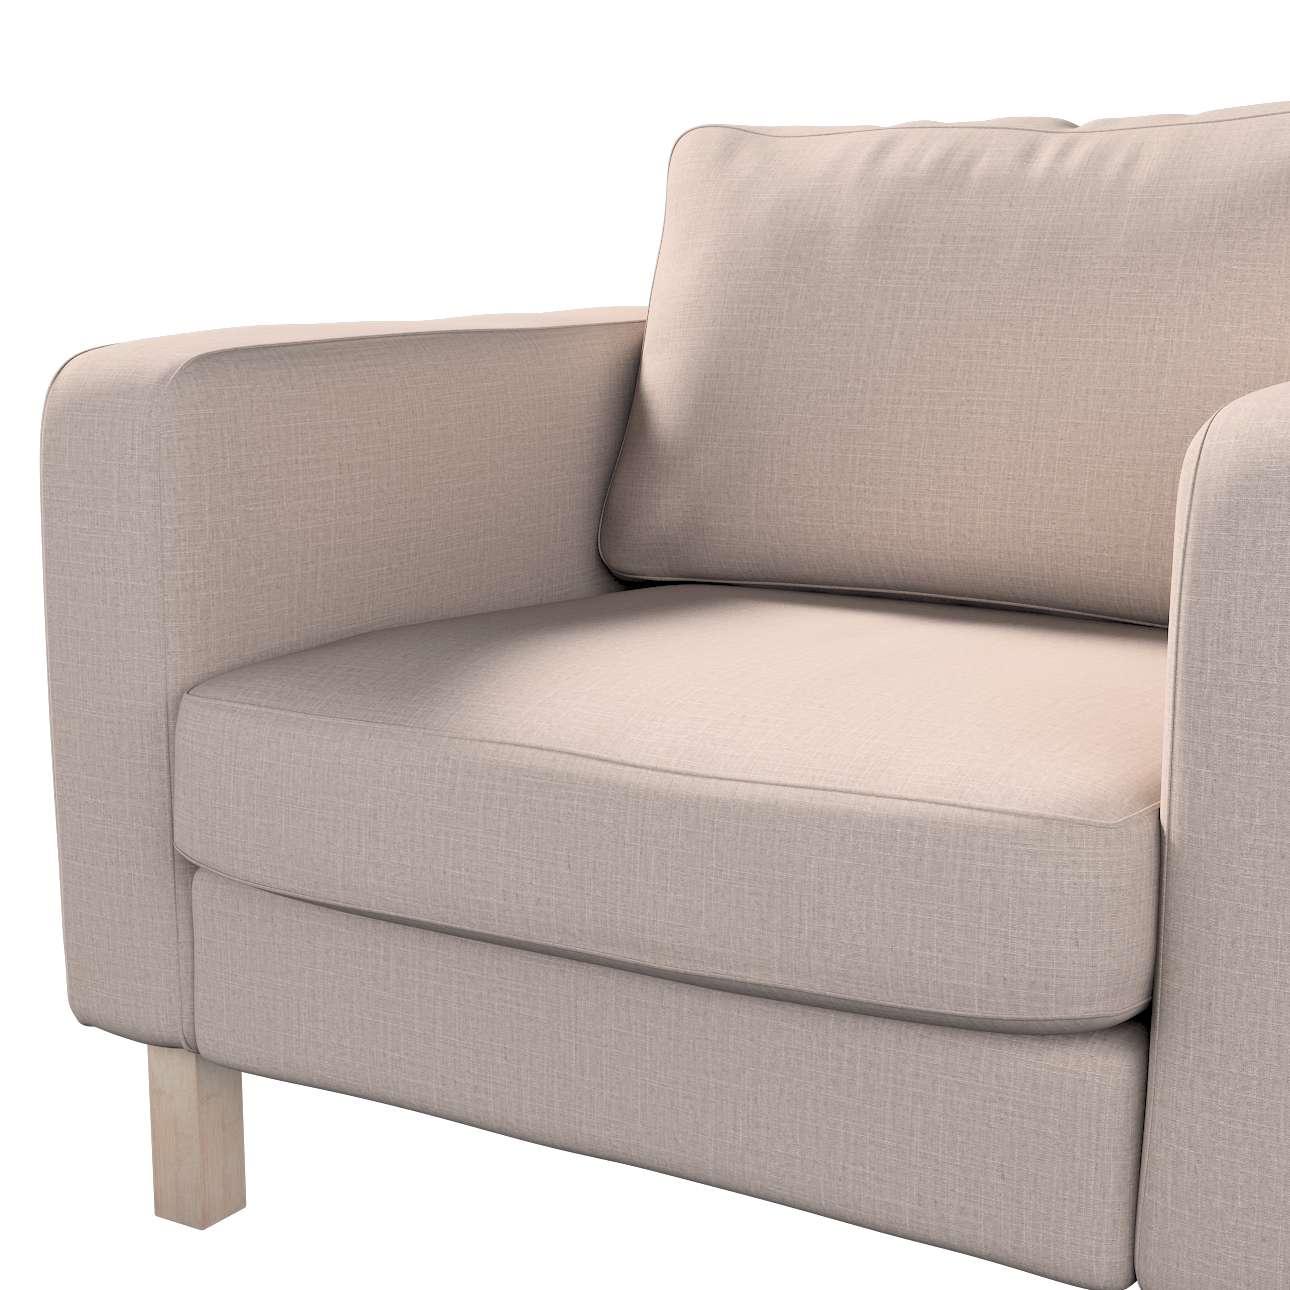 Karlstad päällinen nojatuoli mallistosta Living 2, Kangas: 160-85